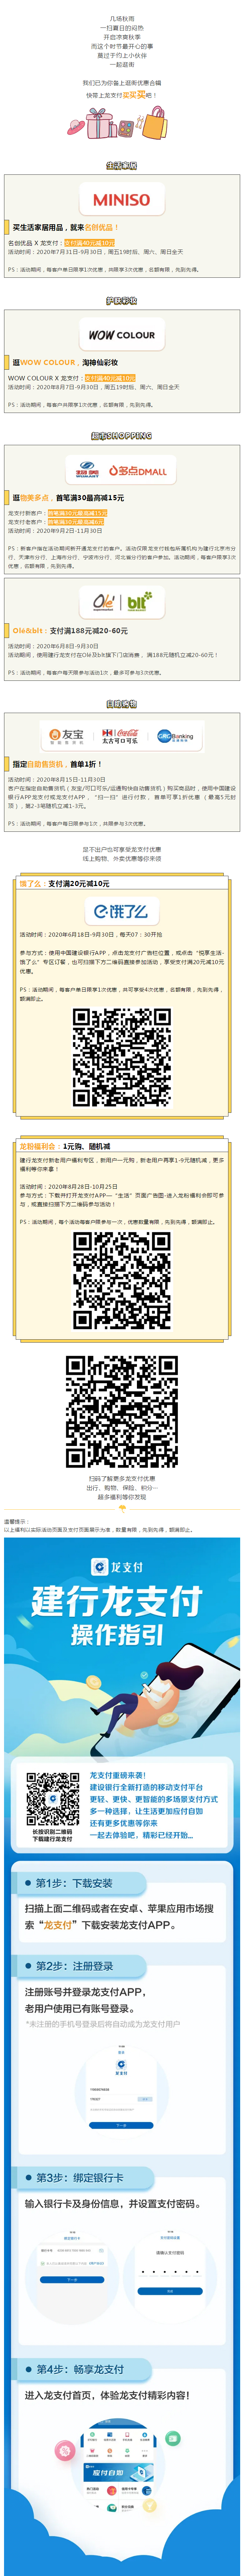 【乐享龙支付】一起来逛街,龙支付购物1折起!.jpg